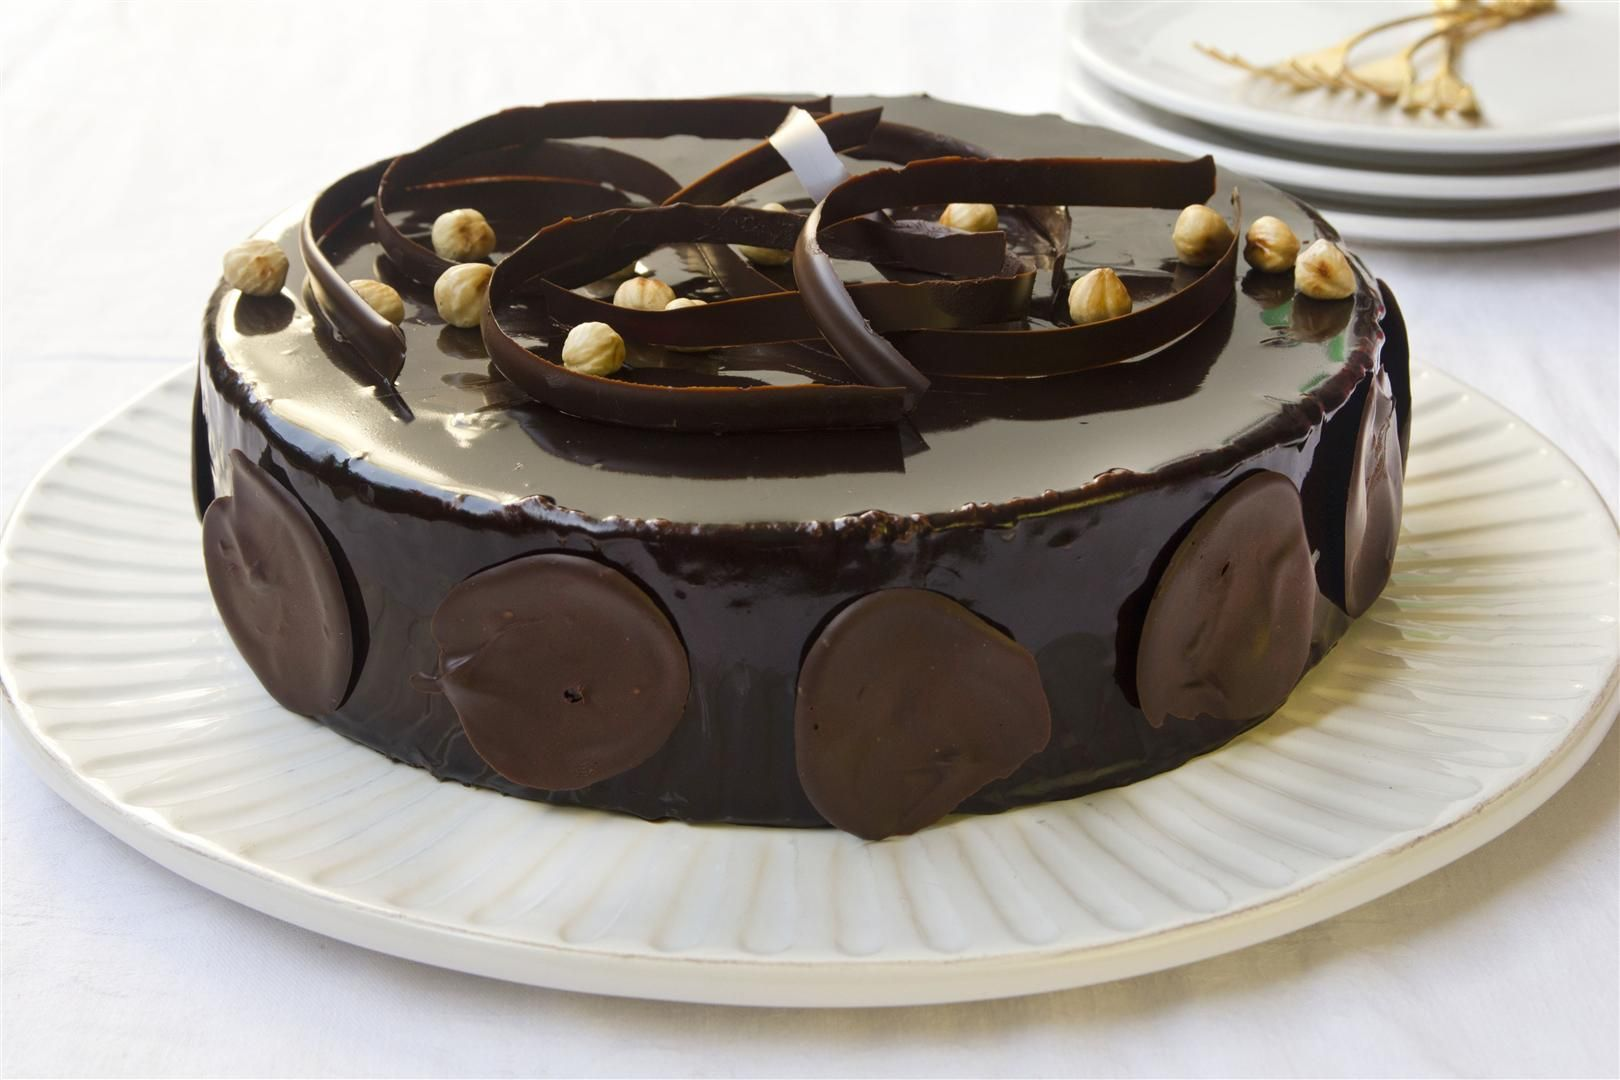 Chocolate Espresso Mascarpone Cake